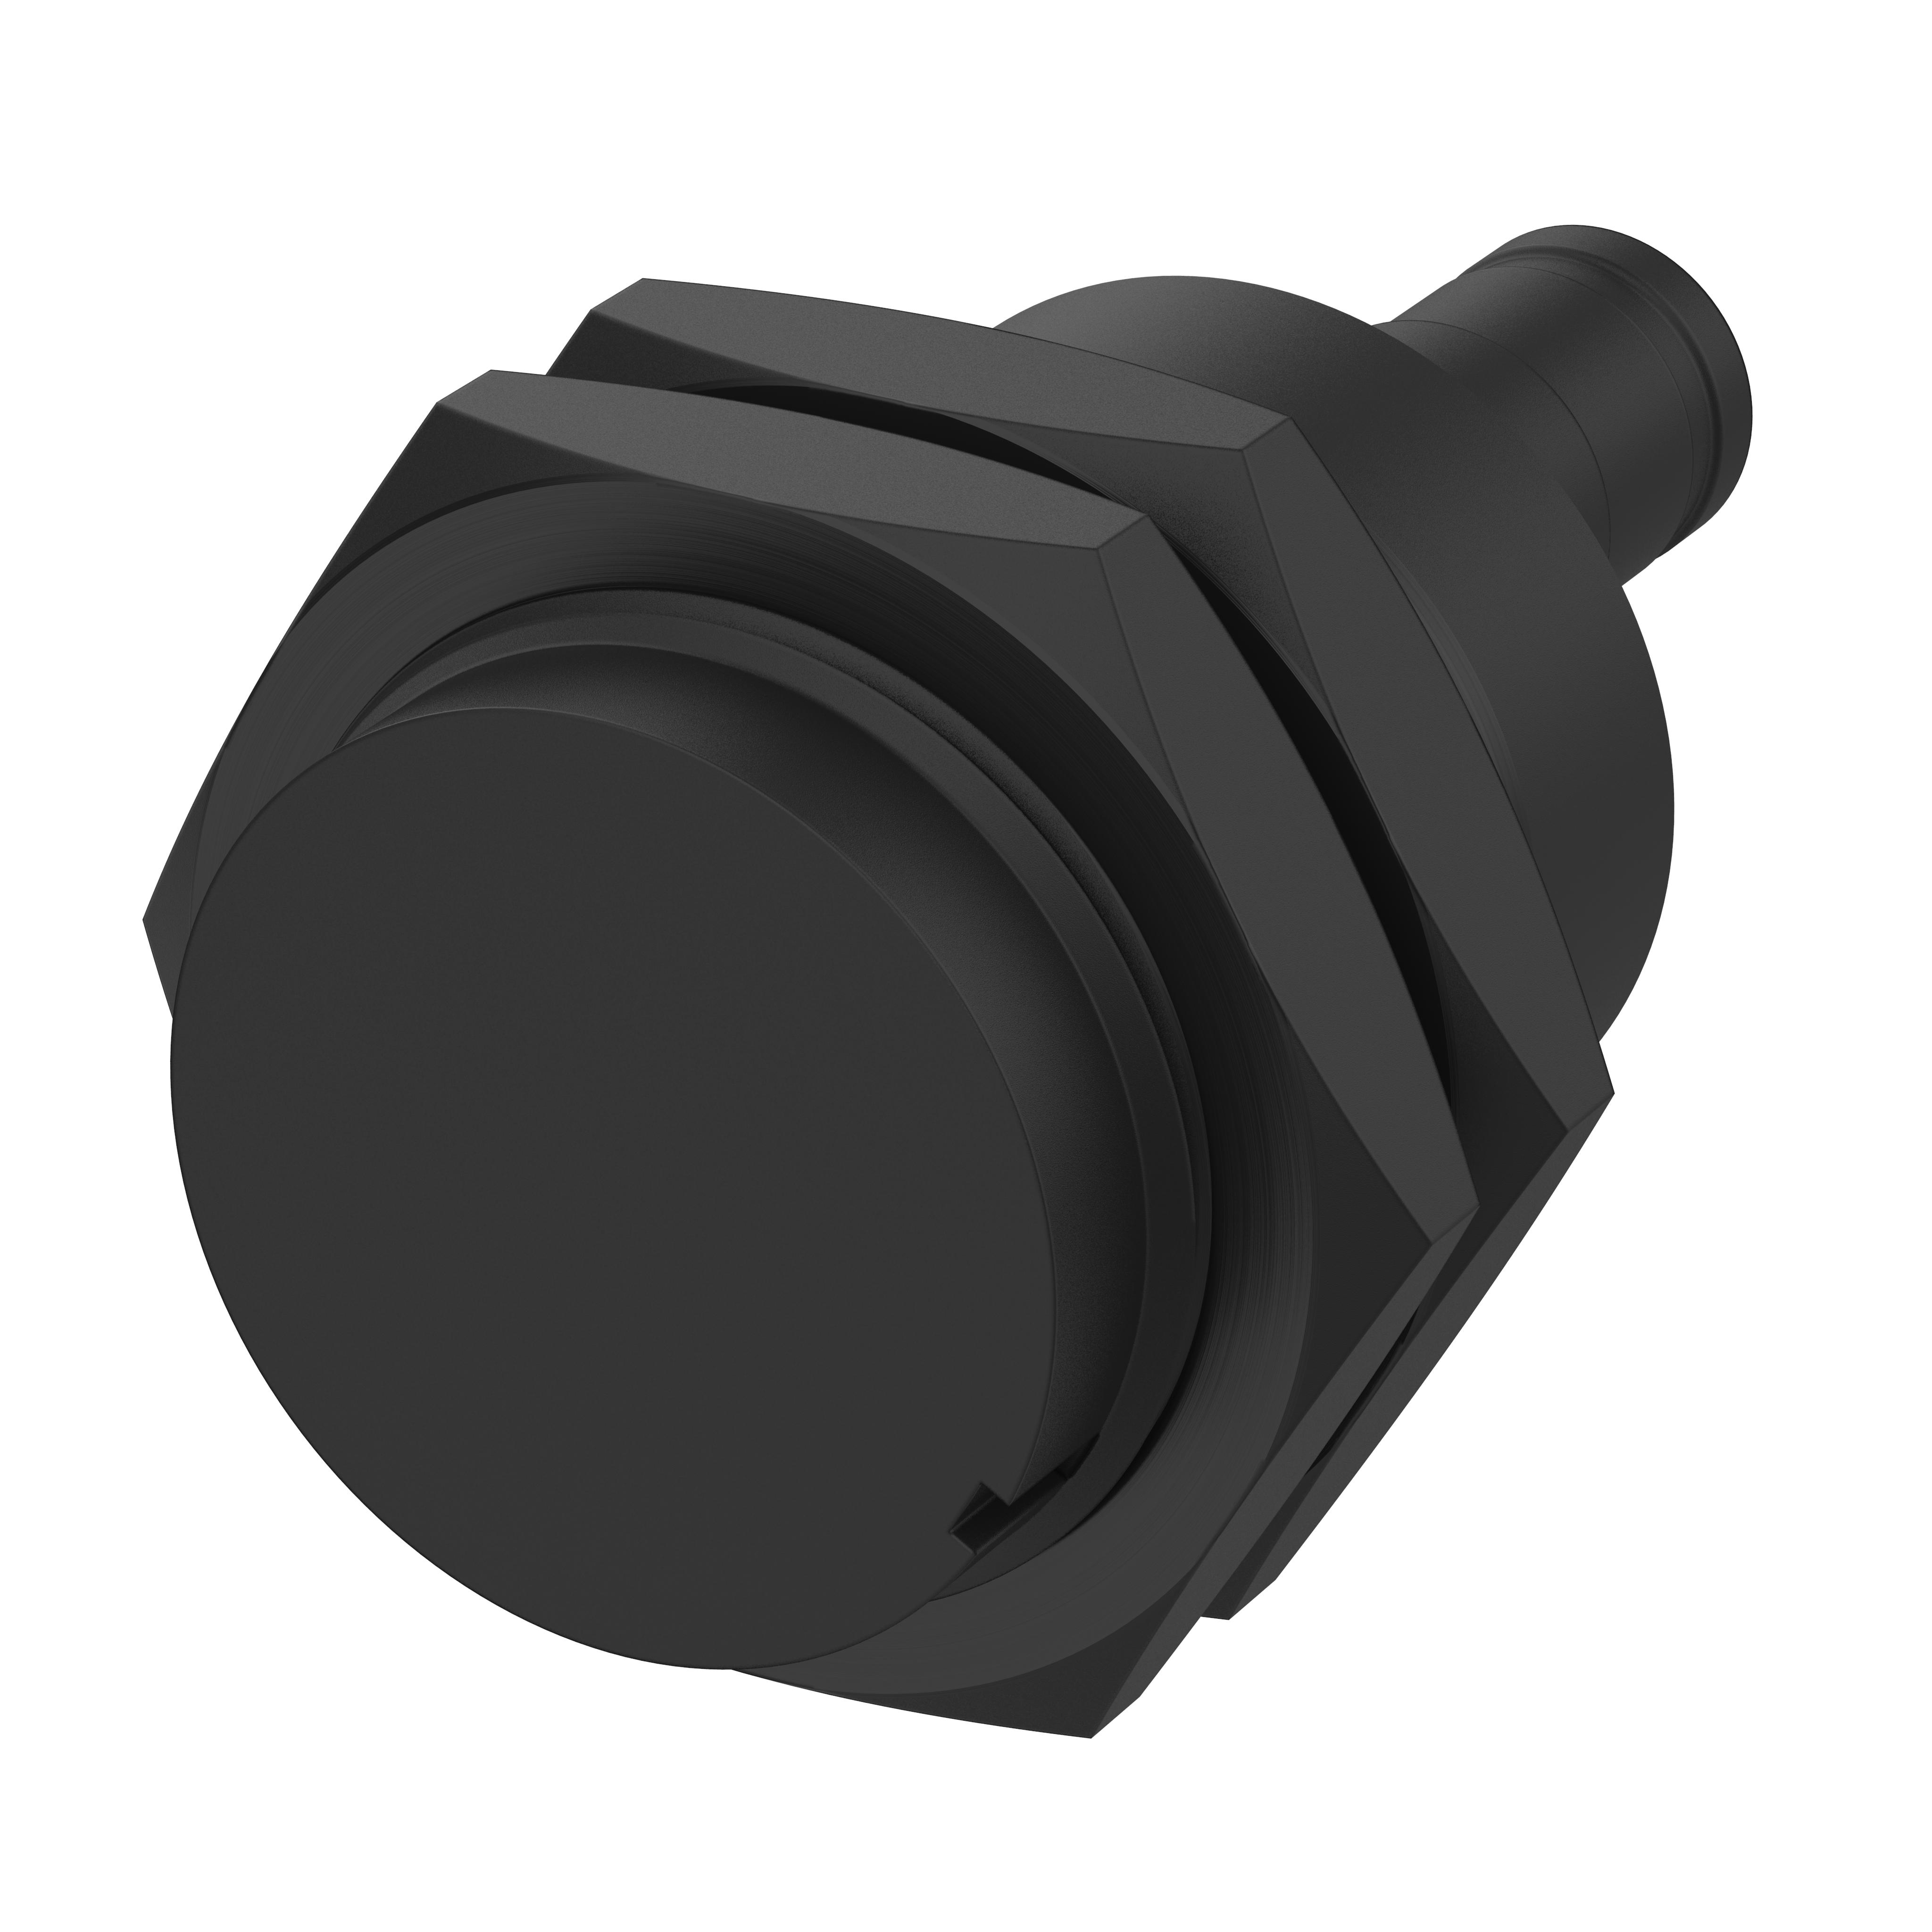 Sicherheitssensor - 171271AM - magnetisch betätigt - Schließer/Öffner, Einbaustecker Torson